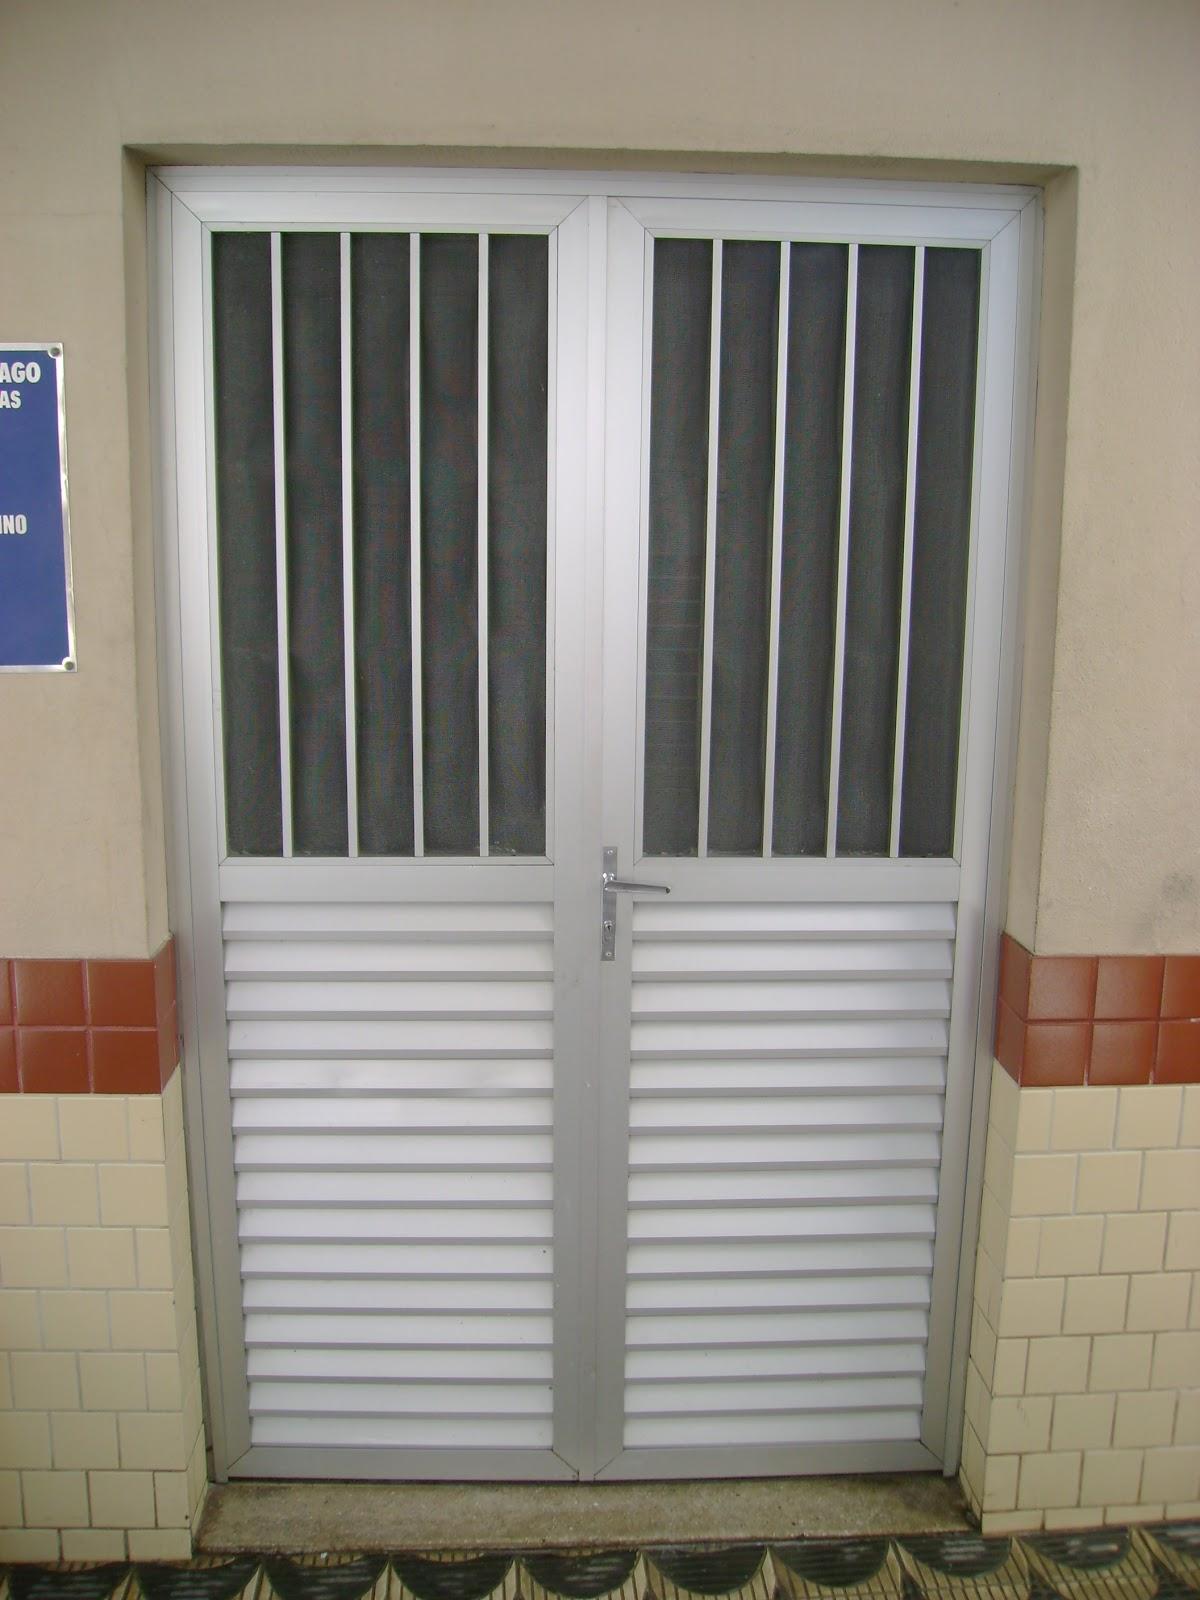 #744530 METALPLAST Esquadrias Forros e Divisórias: Porta de alumínio 4414 Janela Aluminio Maxim Ar Serie 25